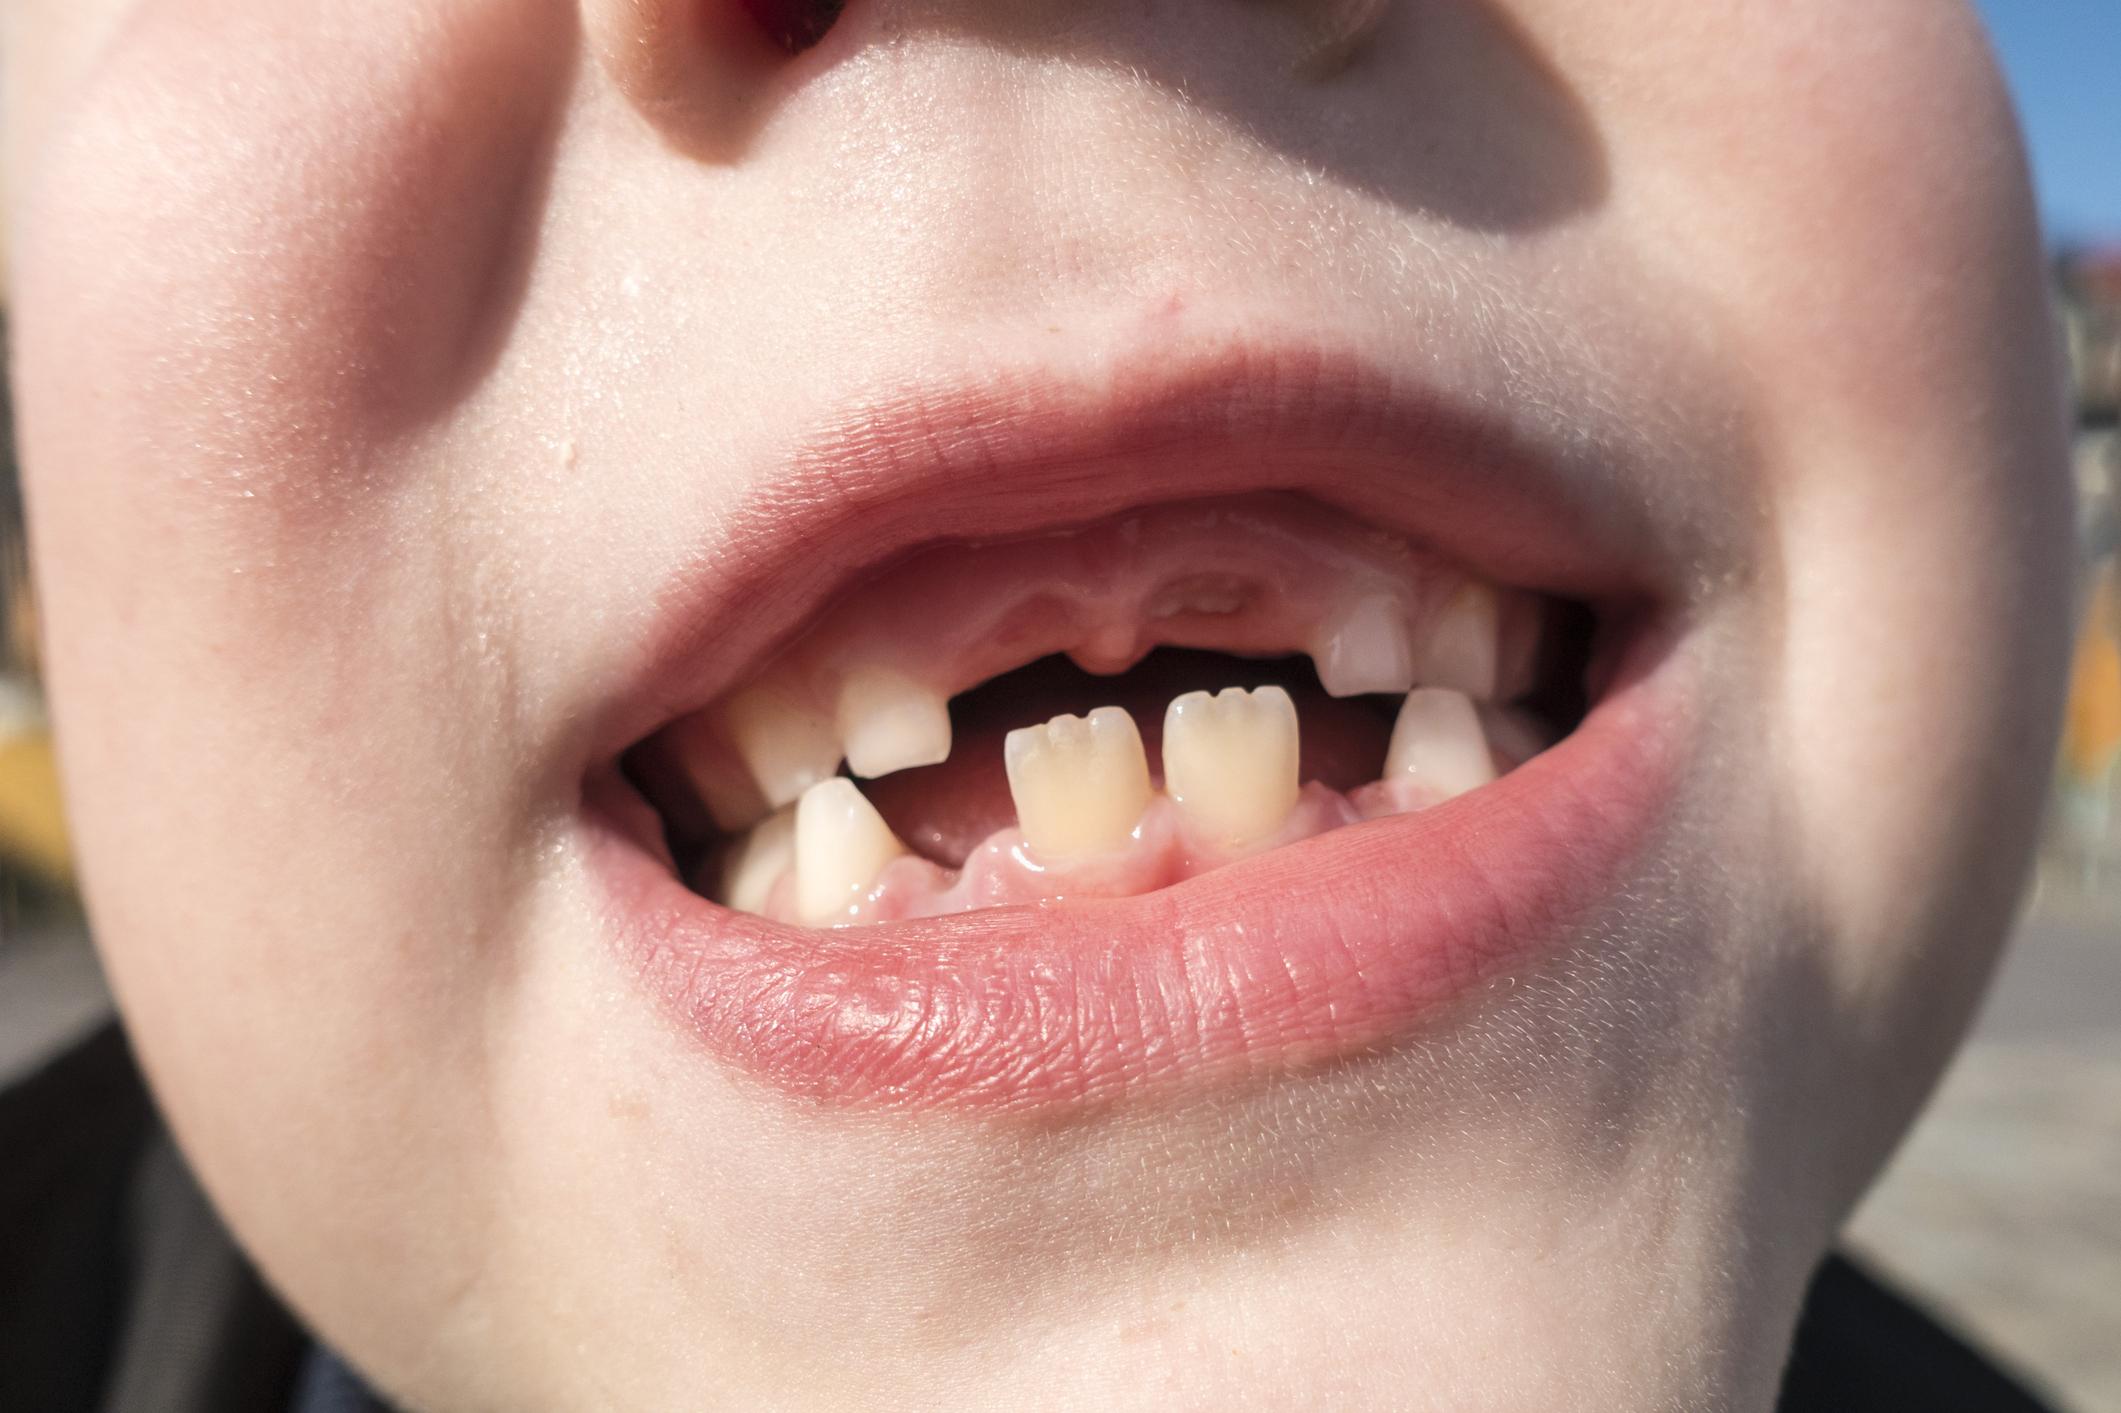 У ребенка криво растут зубы - почему и что делать?